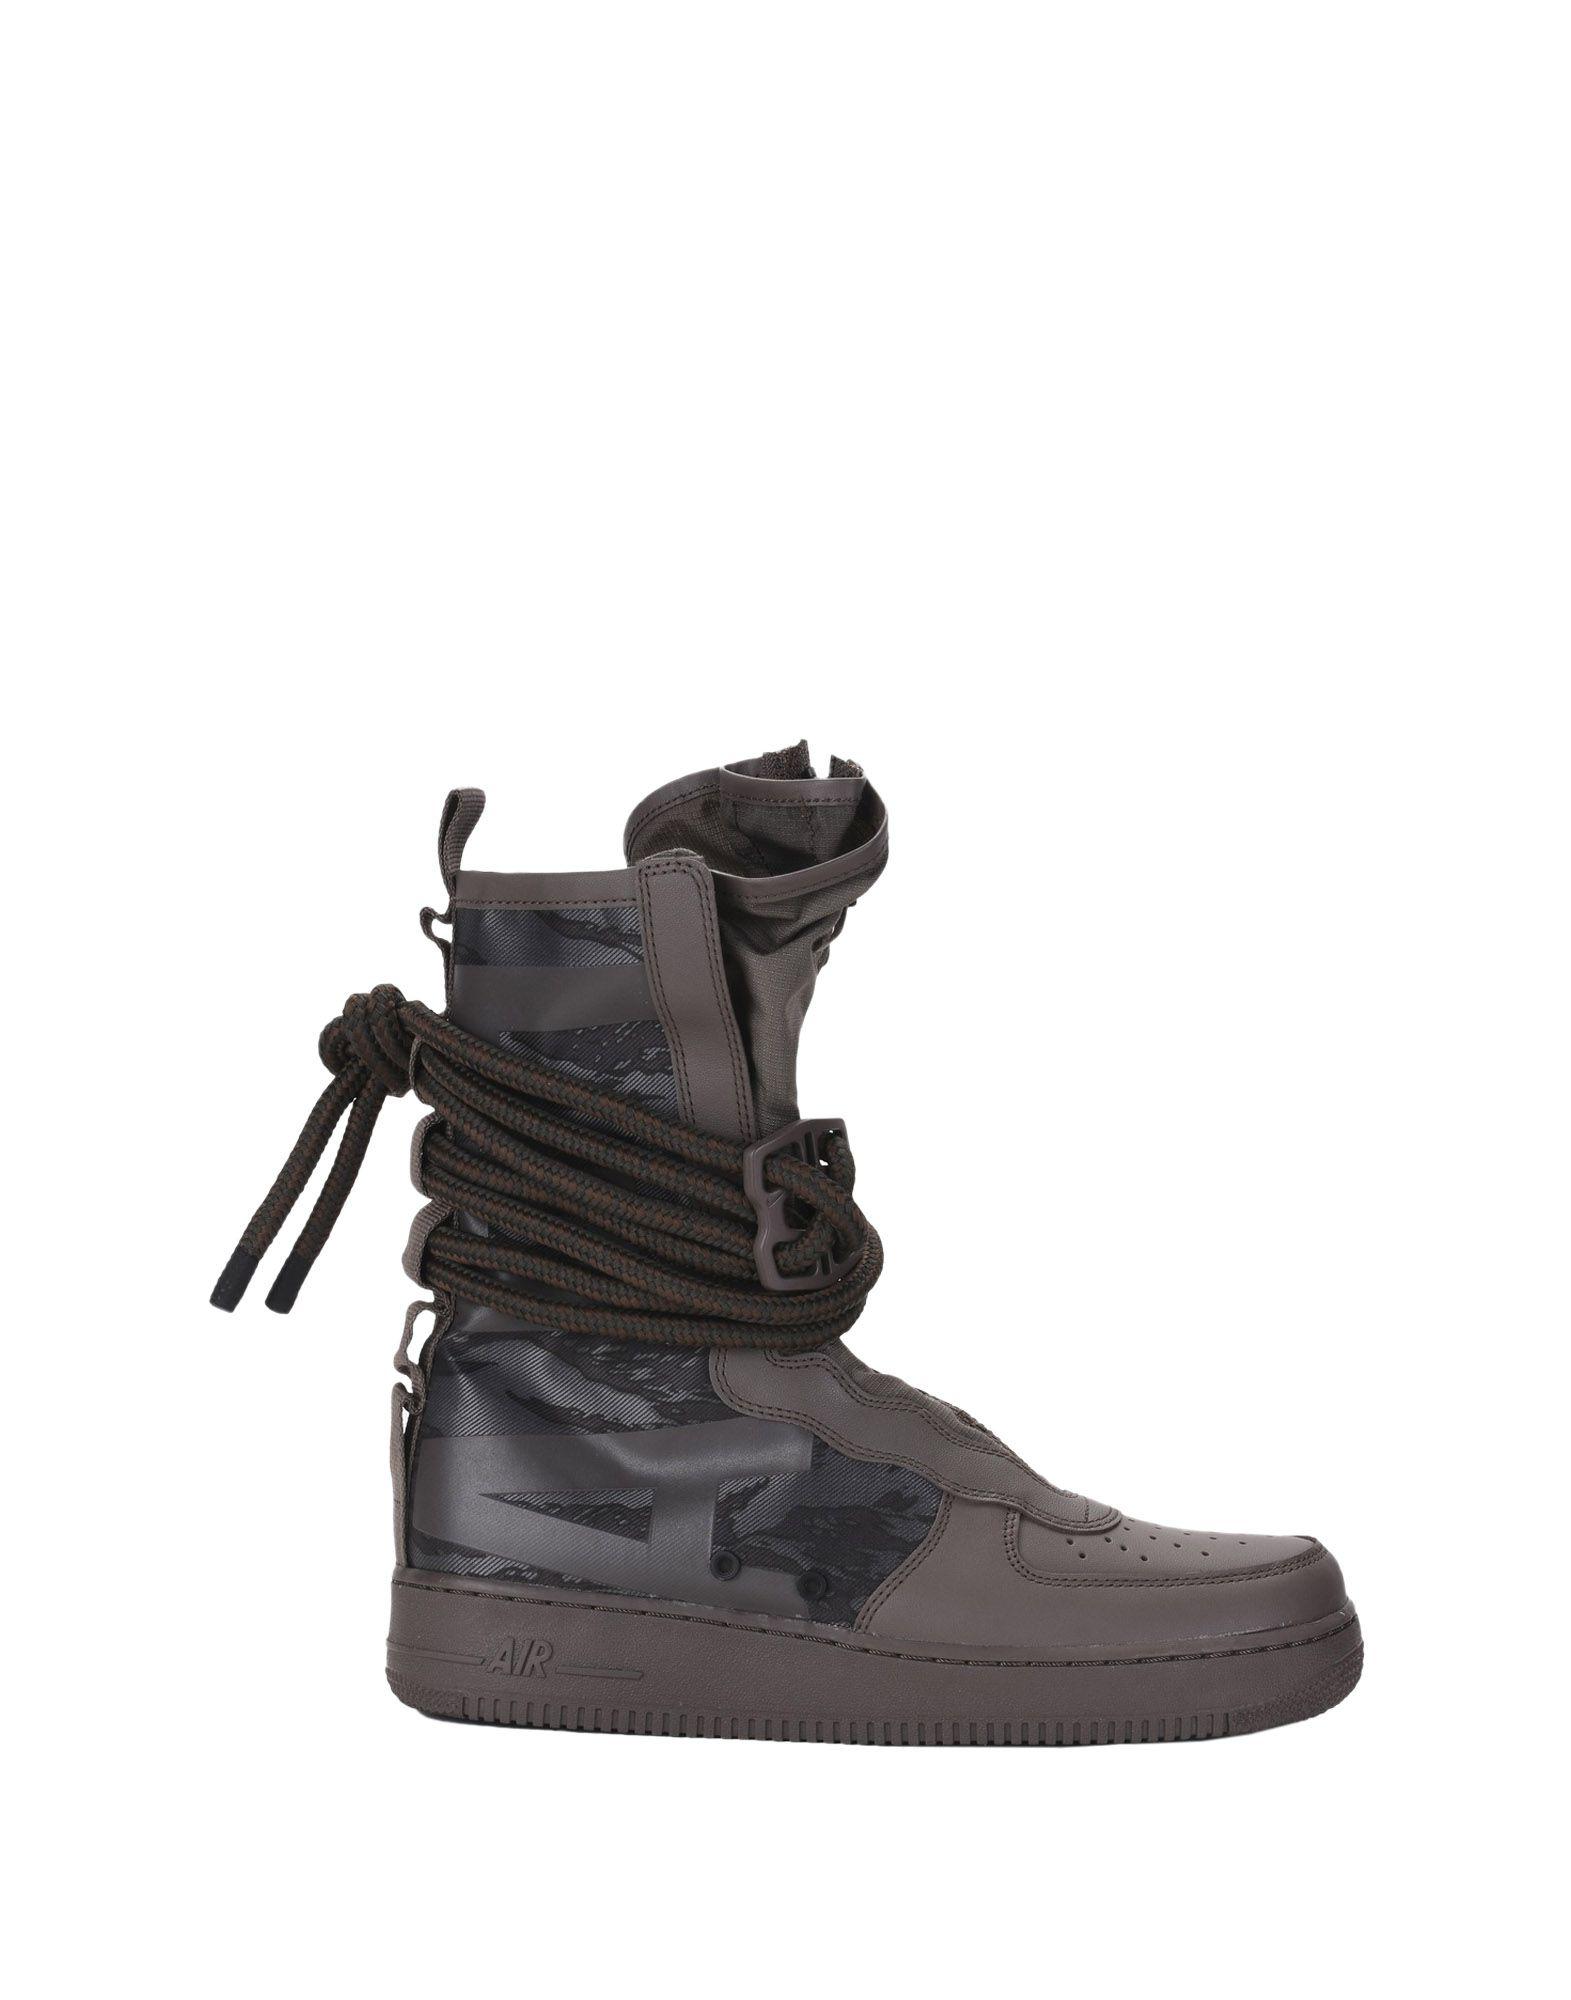 Sneakers Nike Sf Af1 Hi - Homme - Sneakers Nike sur